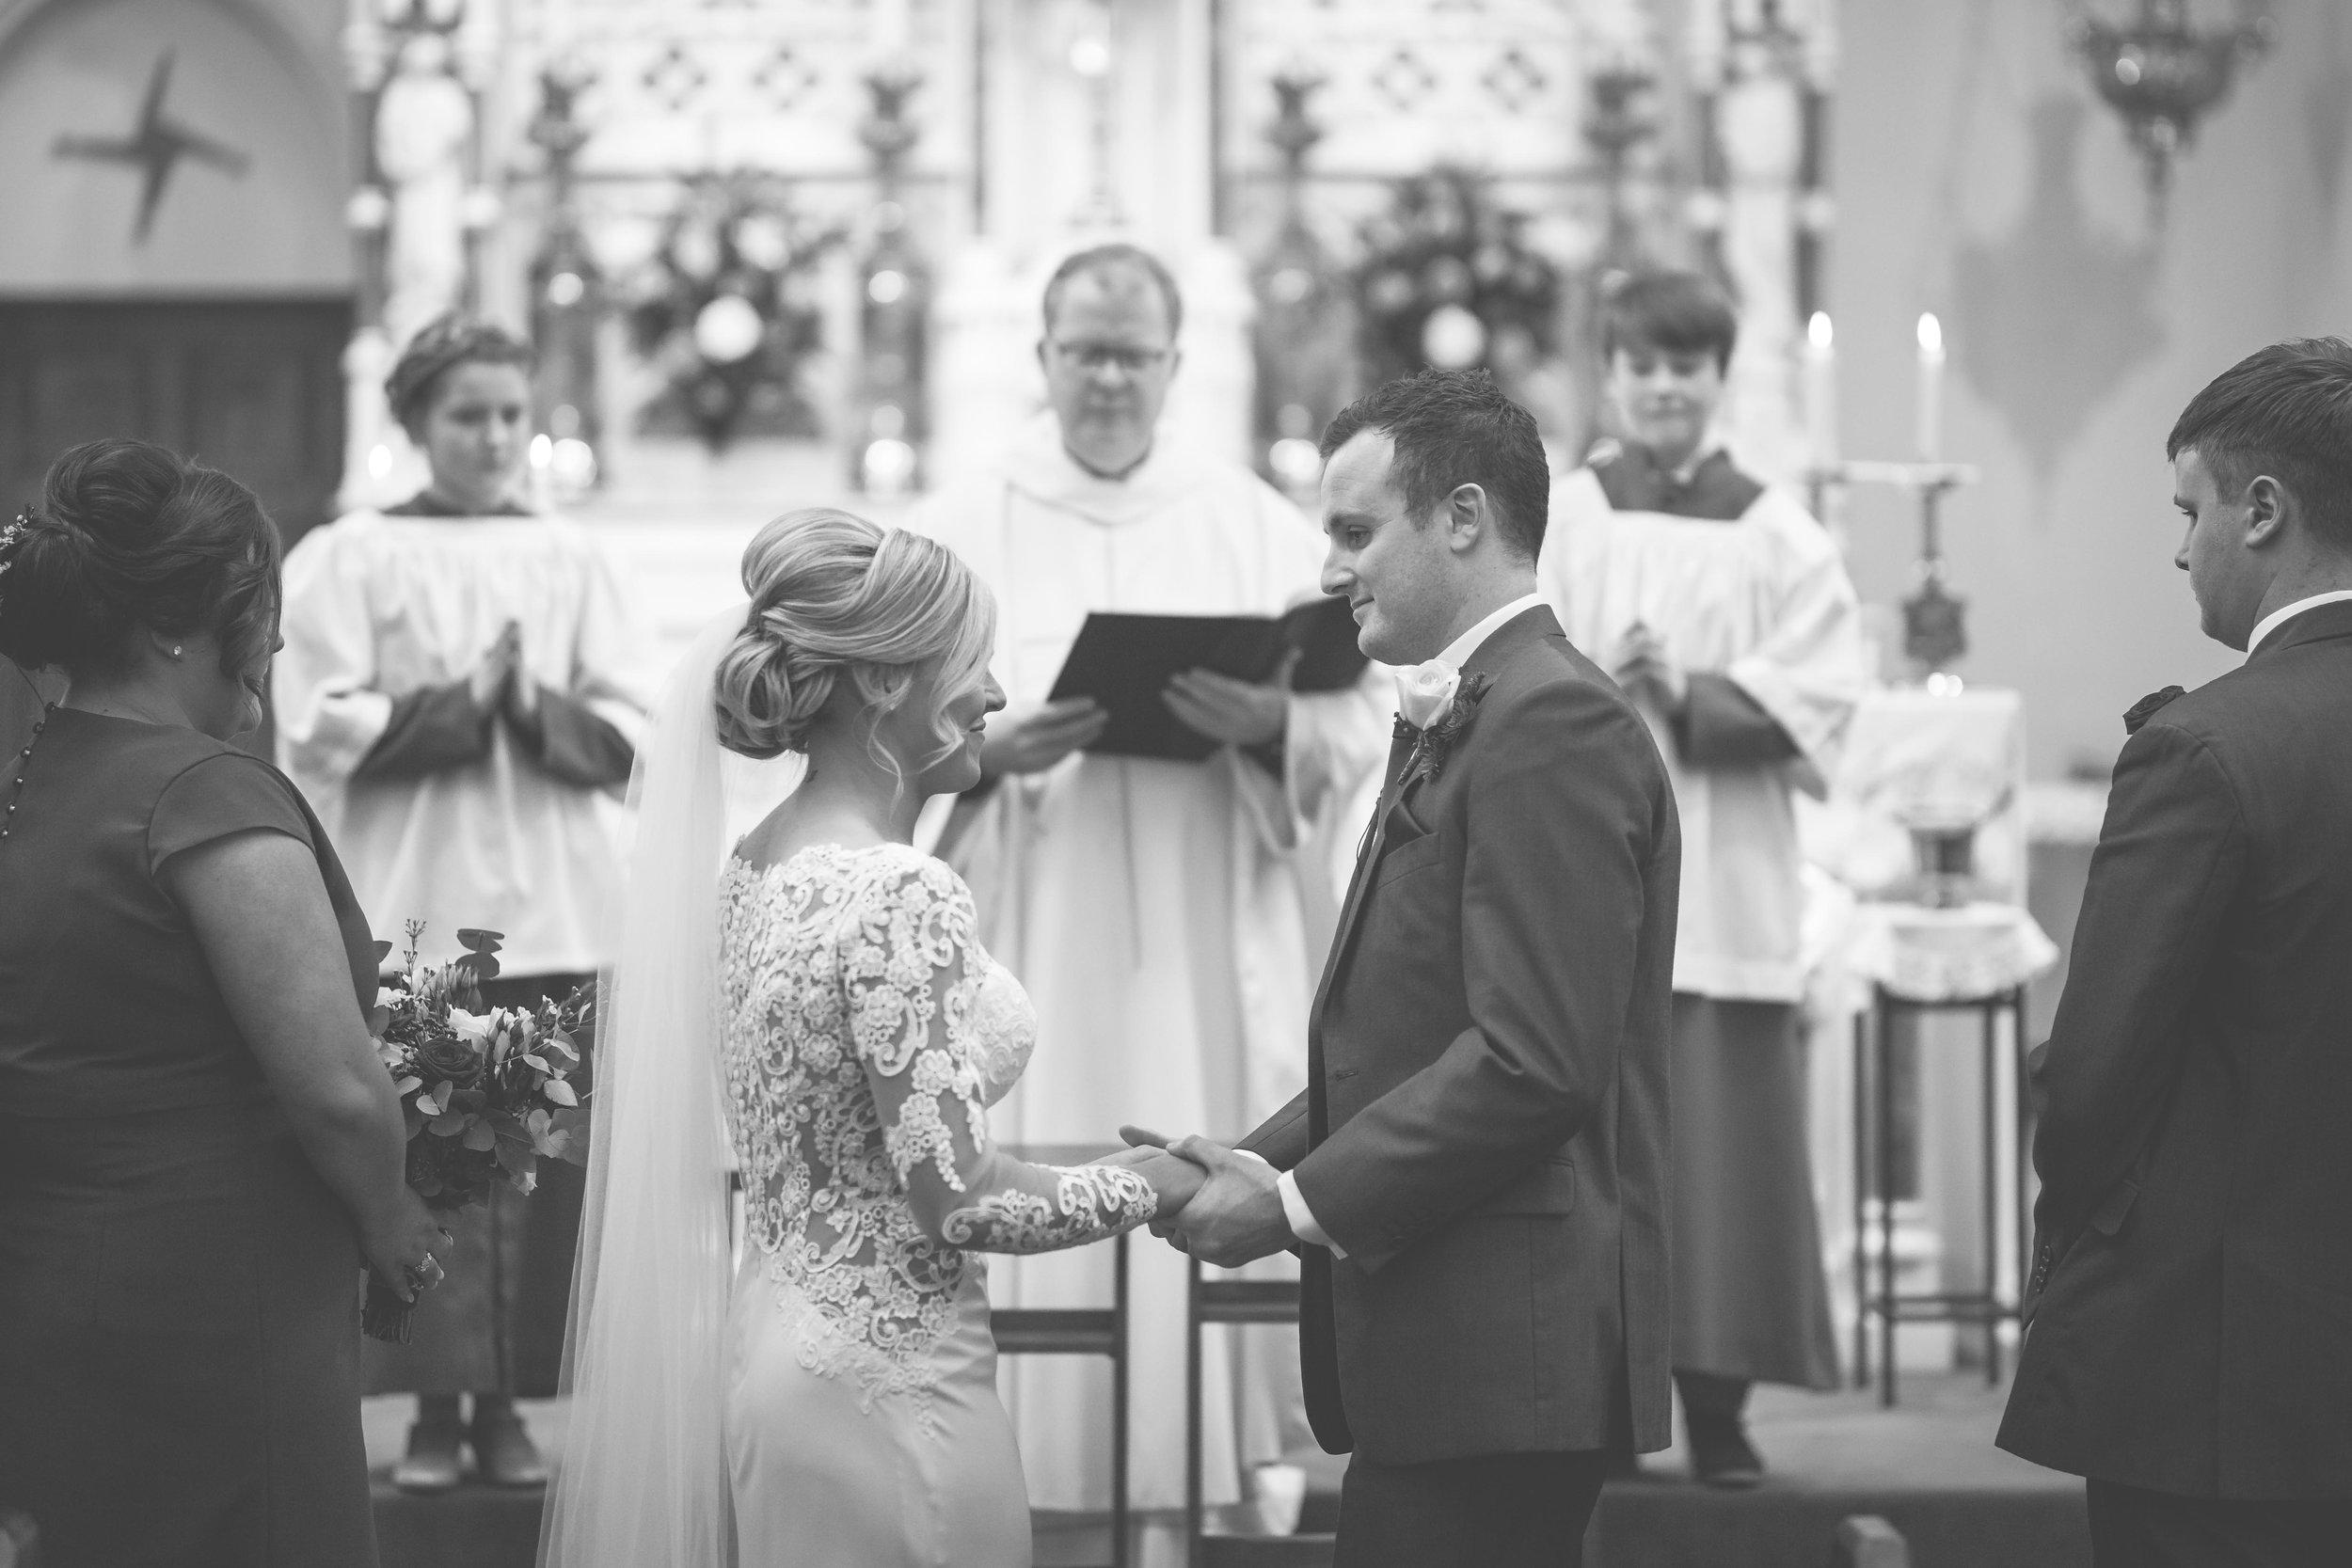 MaryJo_Conor_Mageean_Ceremony-63.jpg